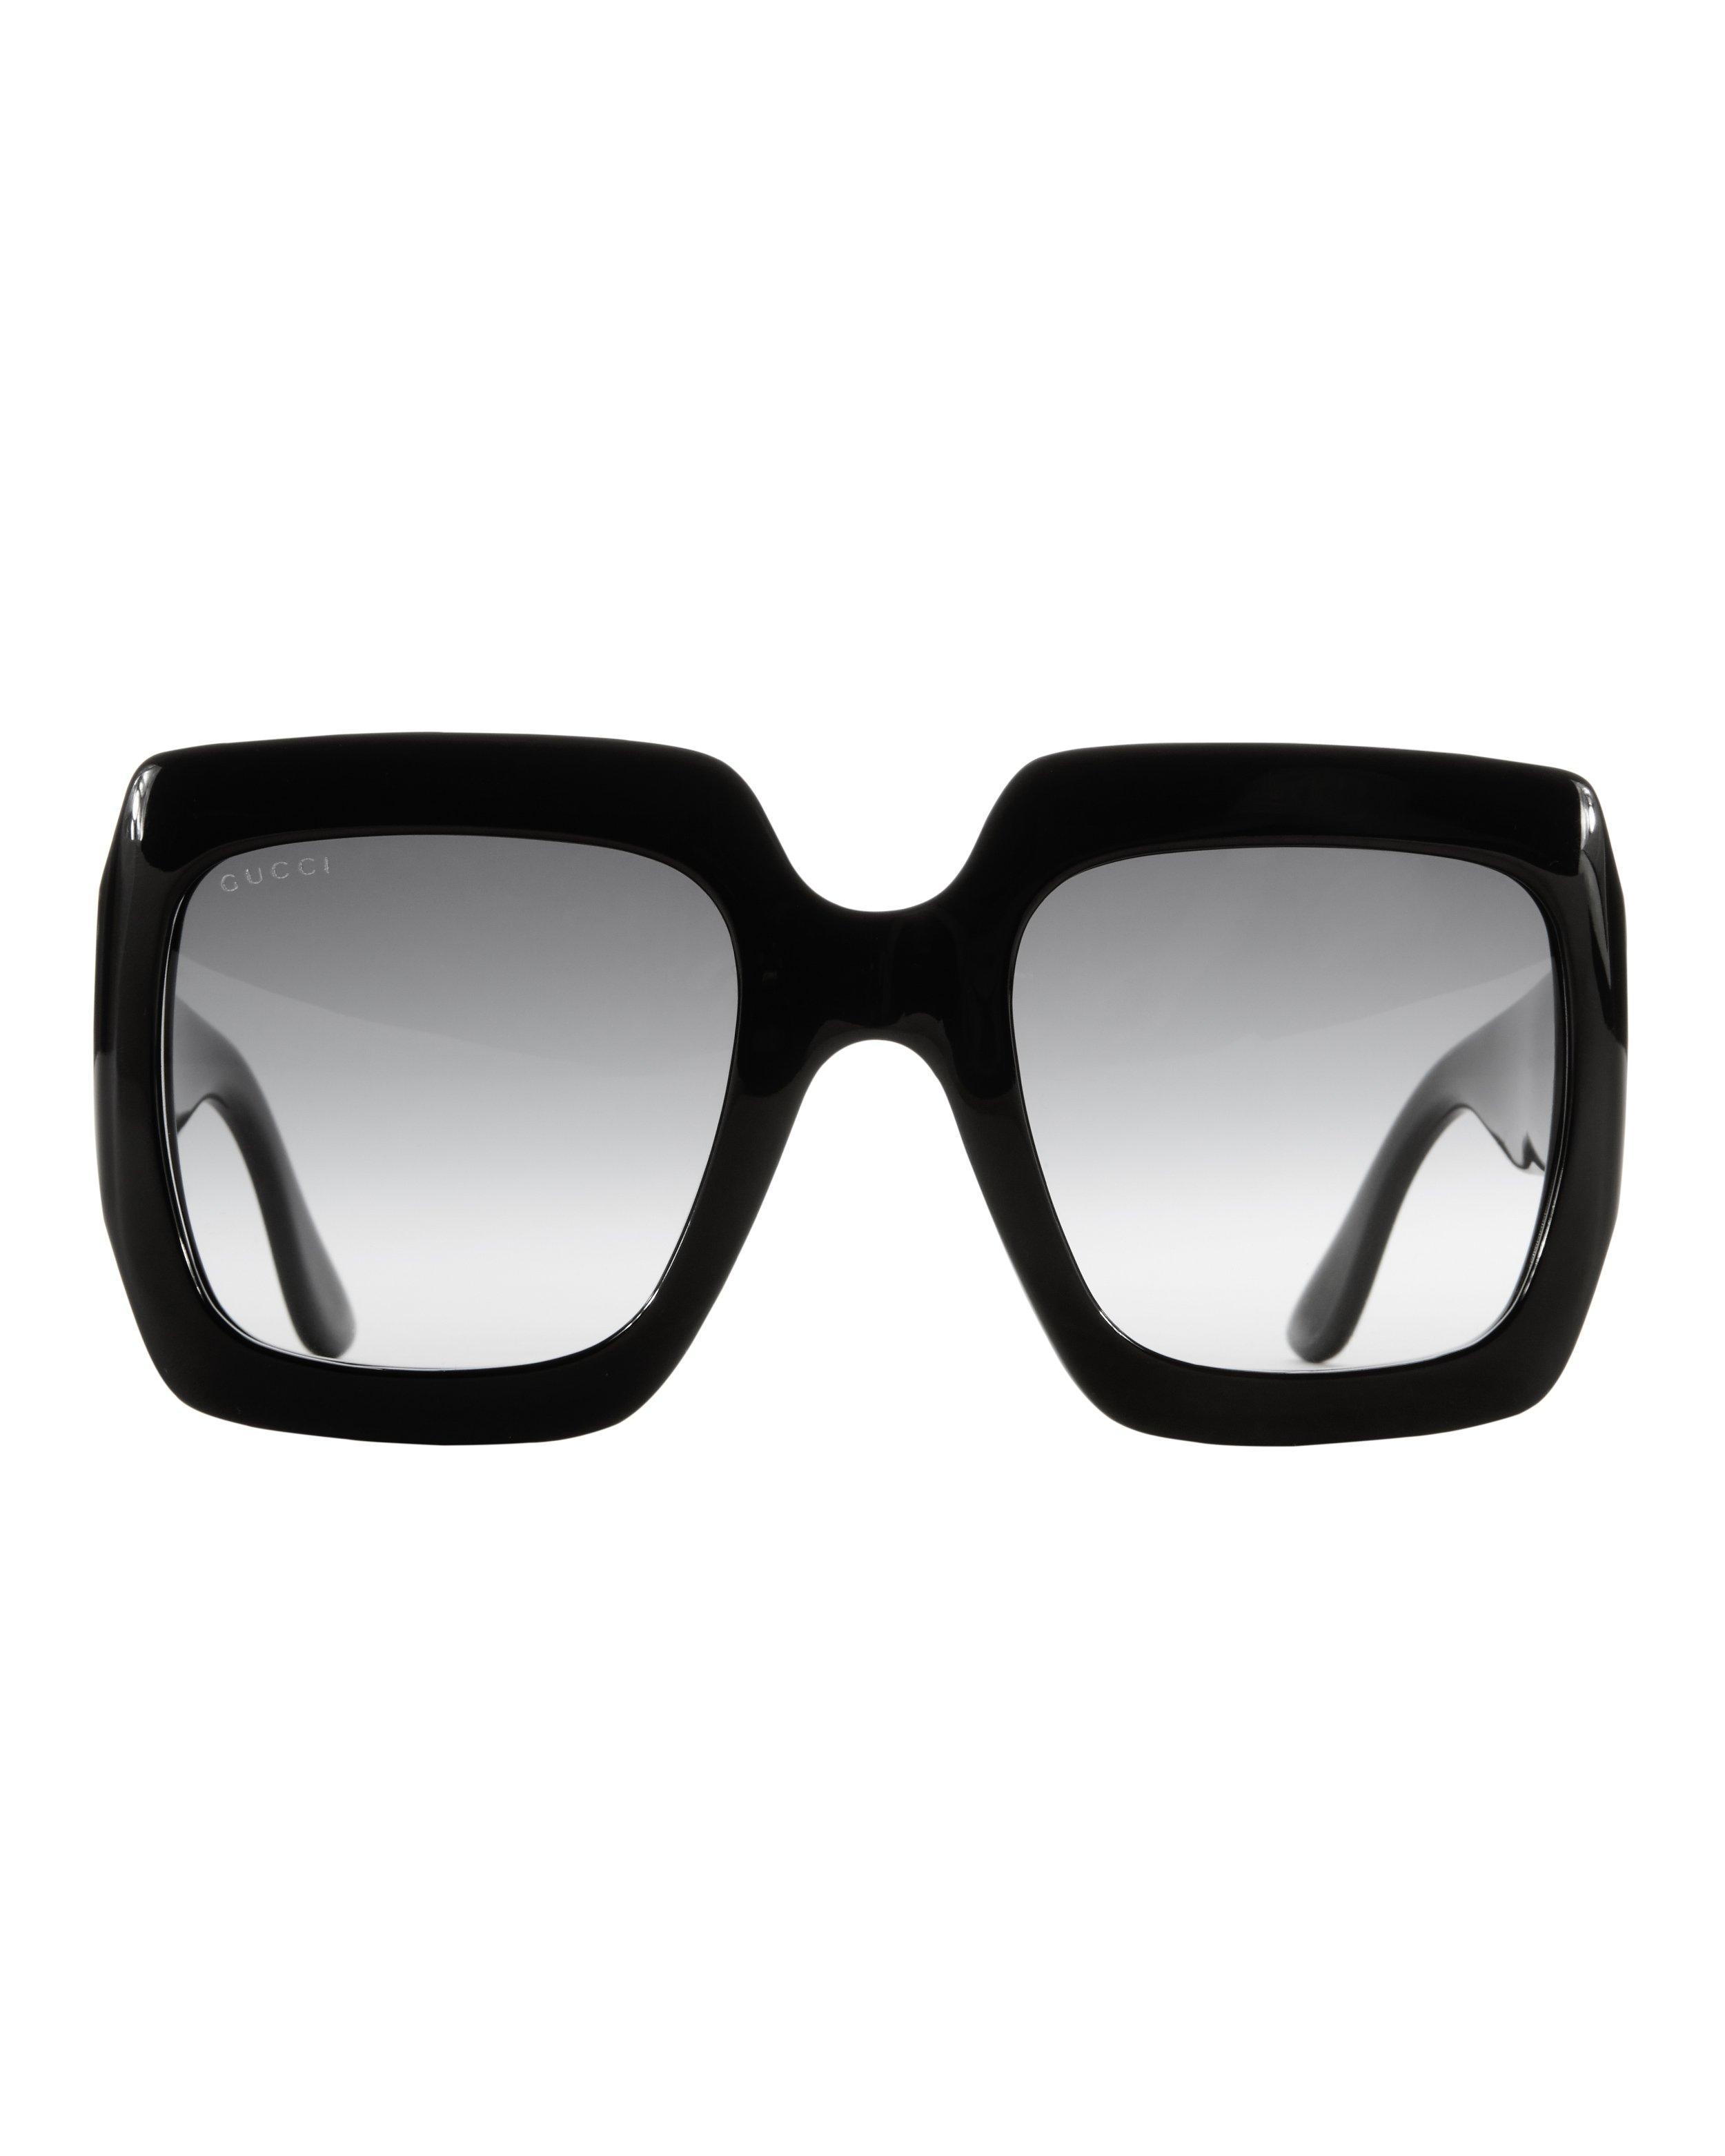 1521aecfe3 Gucci Oversized Square Sunglasses in Black - Lyst